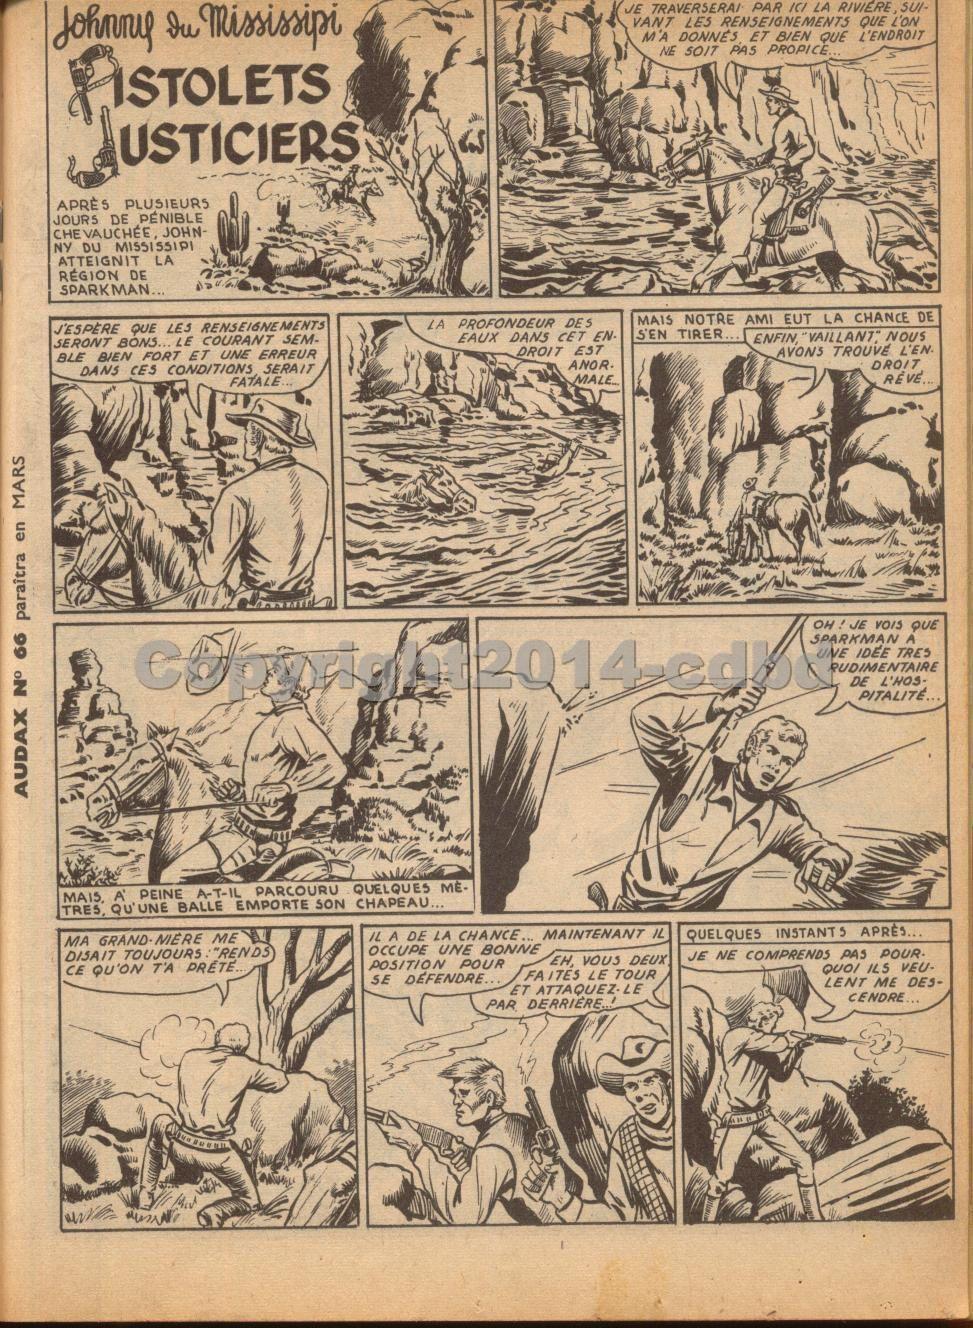 Audax mensuel n°65 de Février 1958 -page 11 à 19